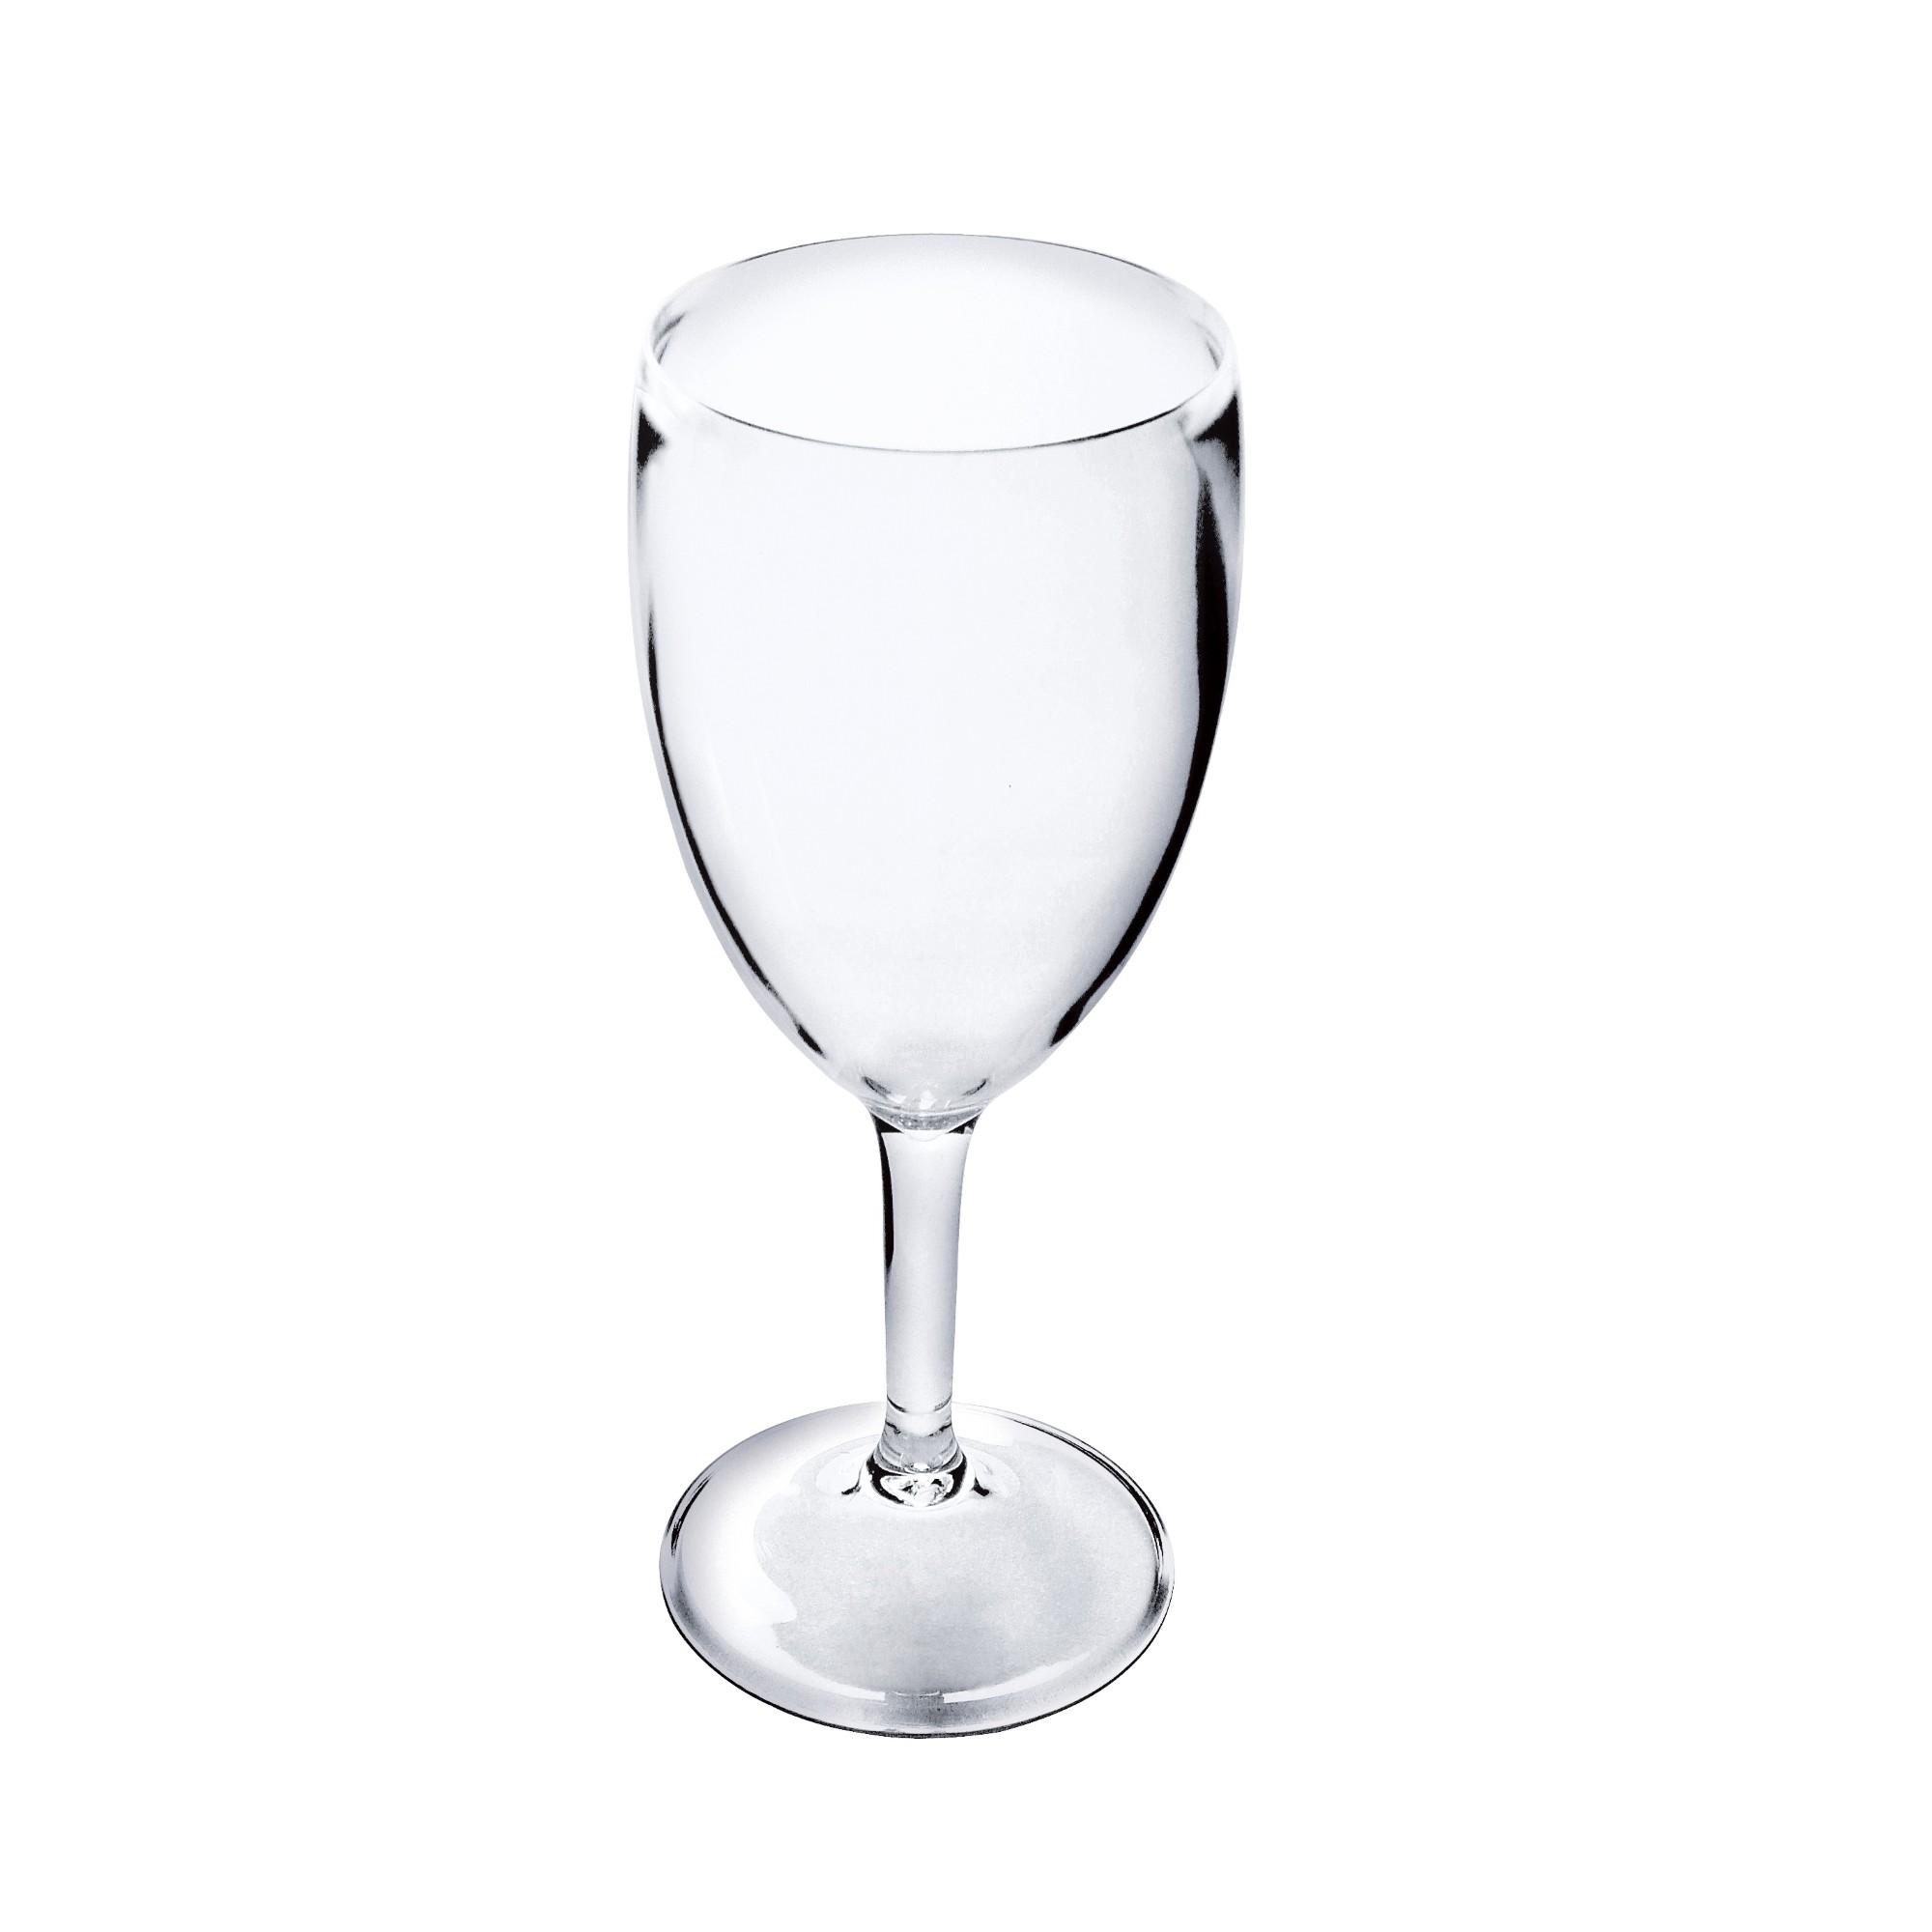 Taca de Vinho de Acrilico 400ml Transparente - Kos